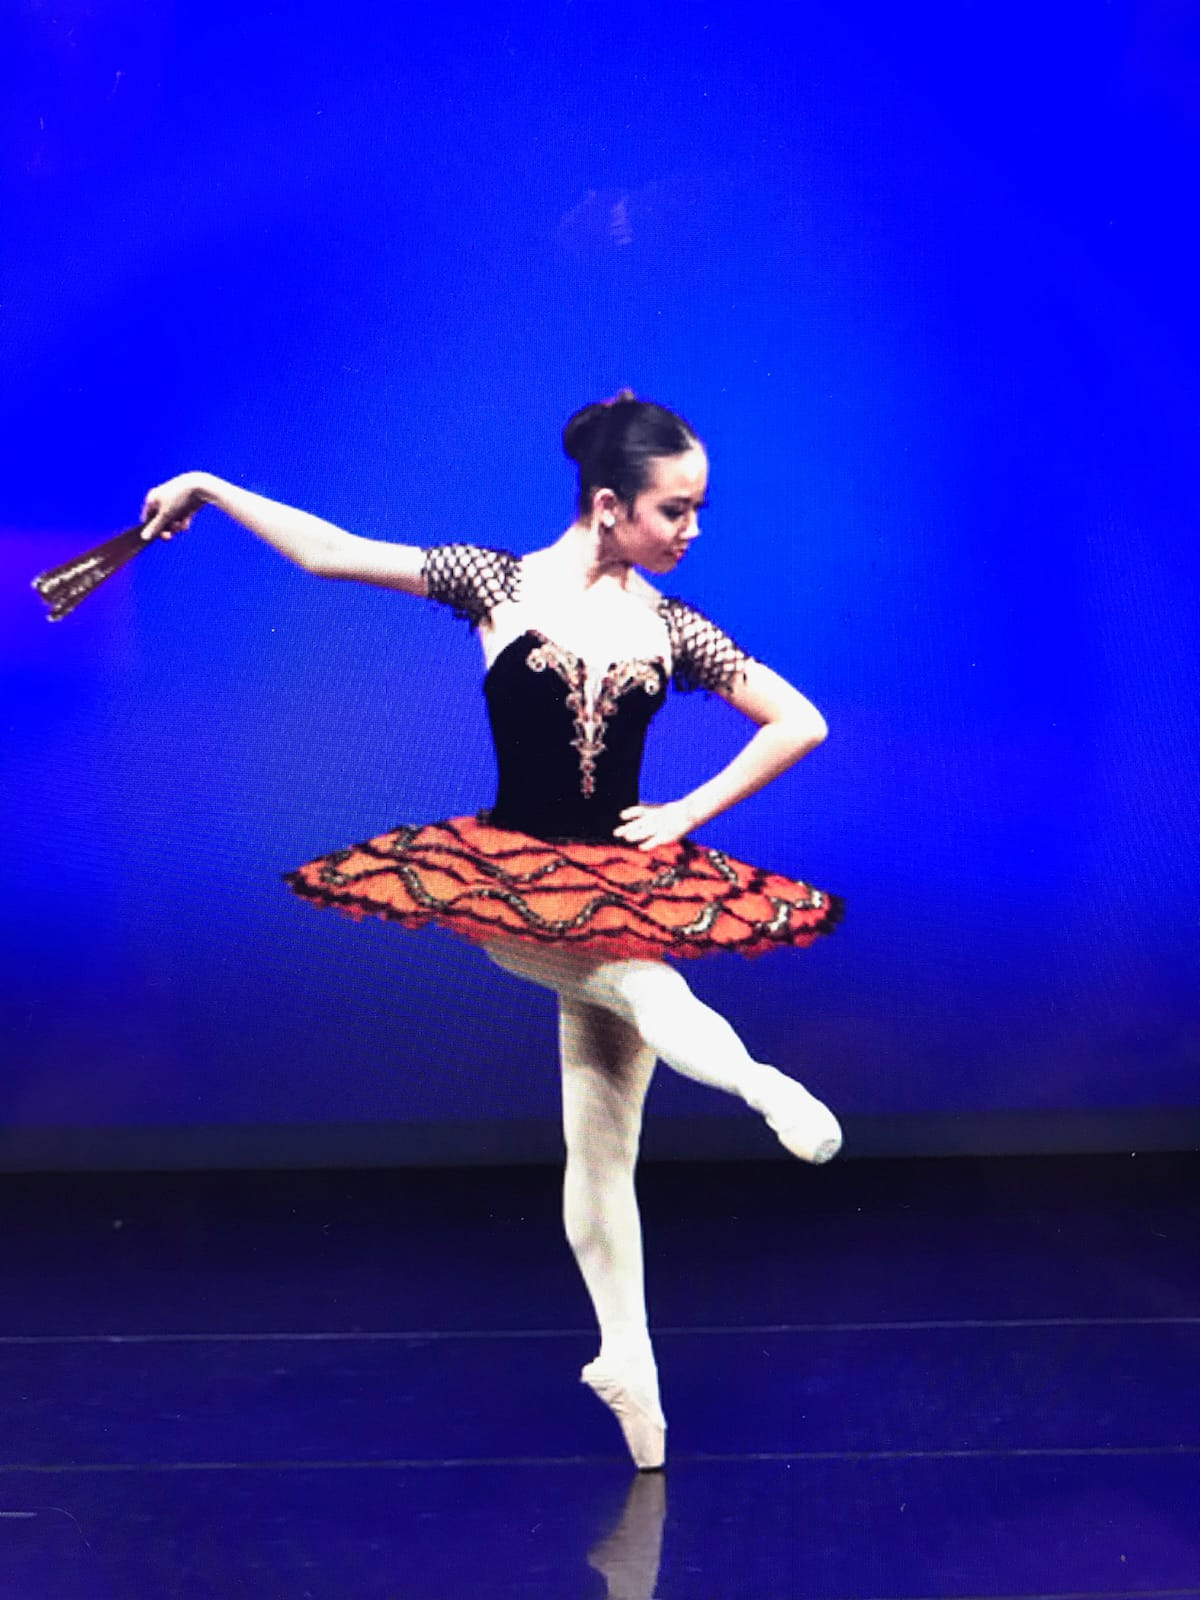 Red Tutu dance 2.jpg